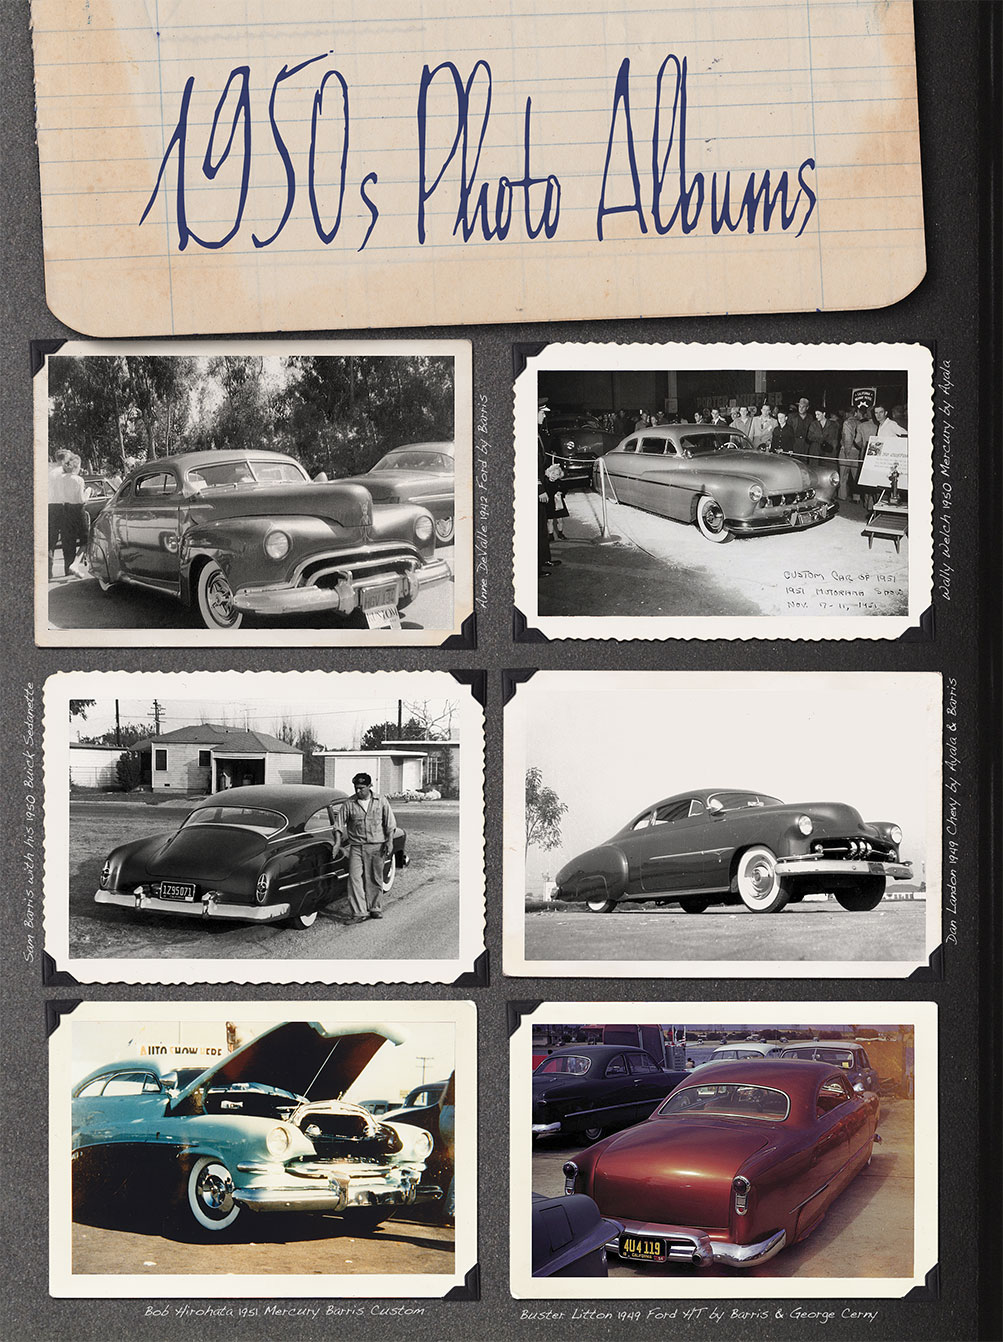 CCC-1950s-Album-01